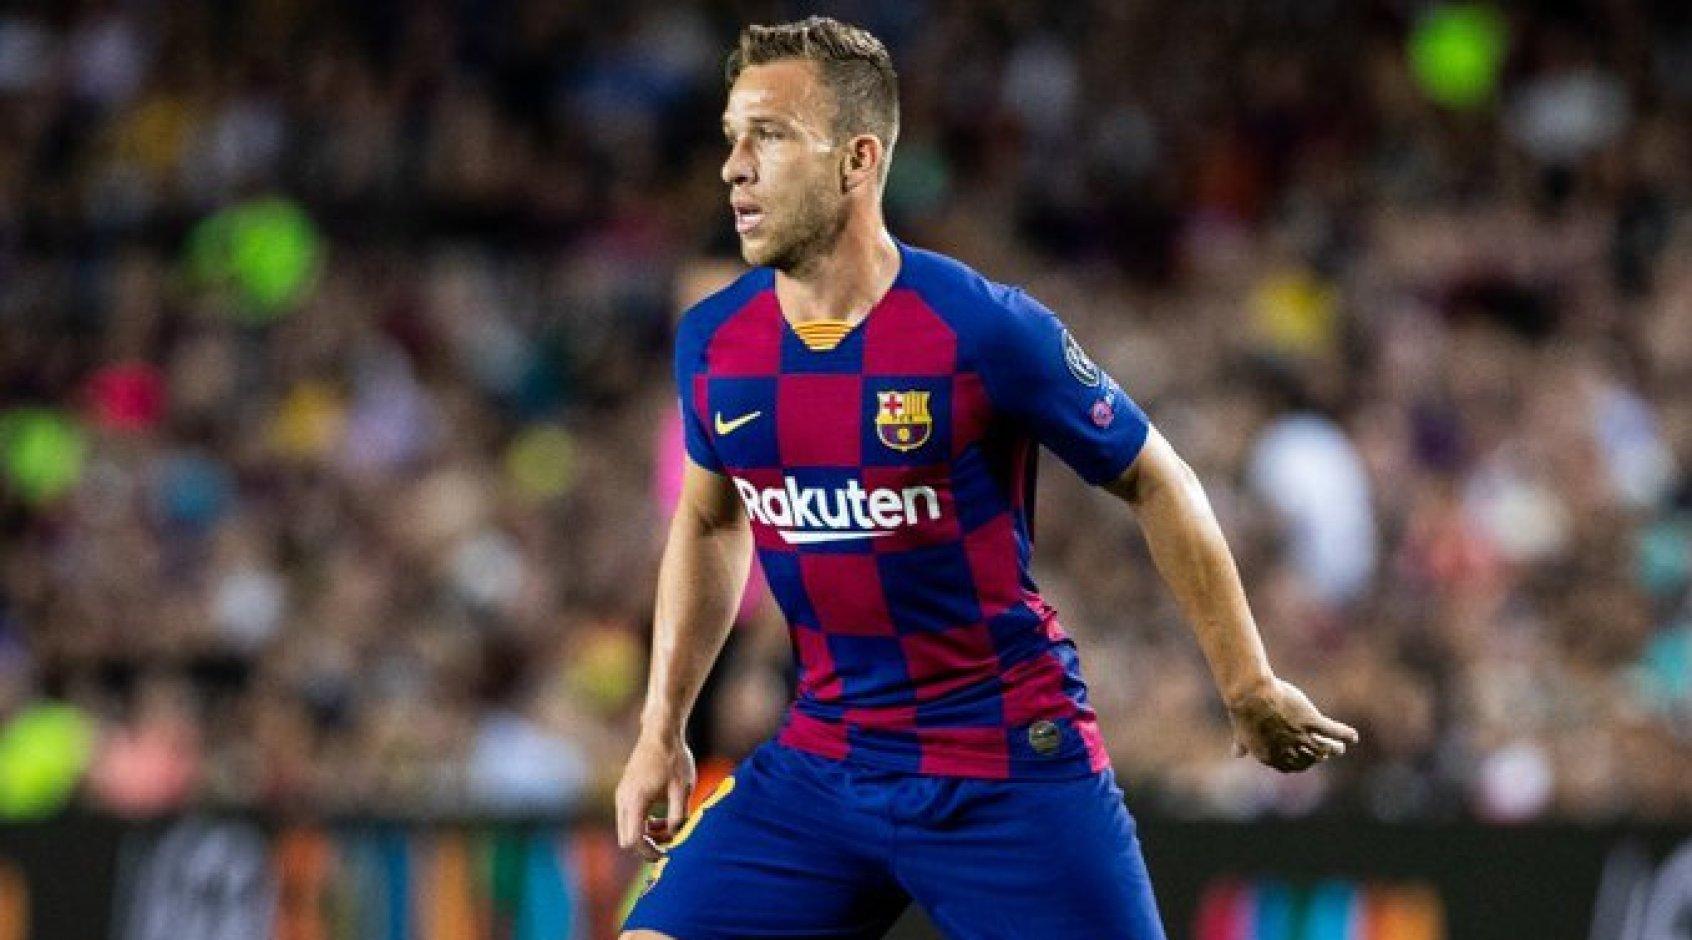 """Официально: """"Барселона"""" объявила о трансфере Артура в """"Ювентус"""""""